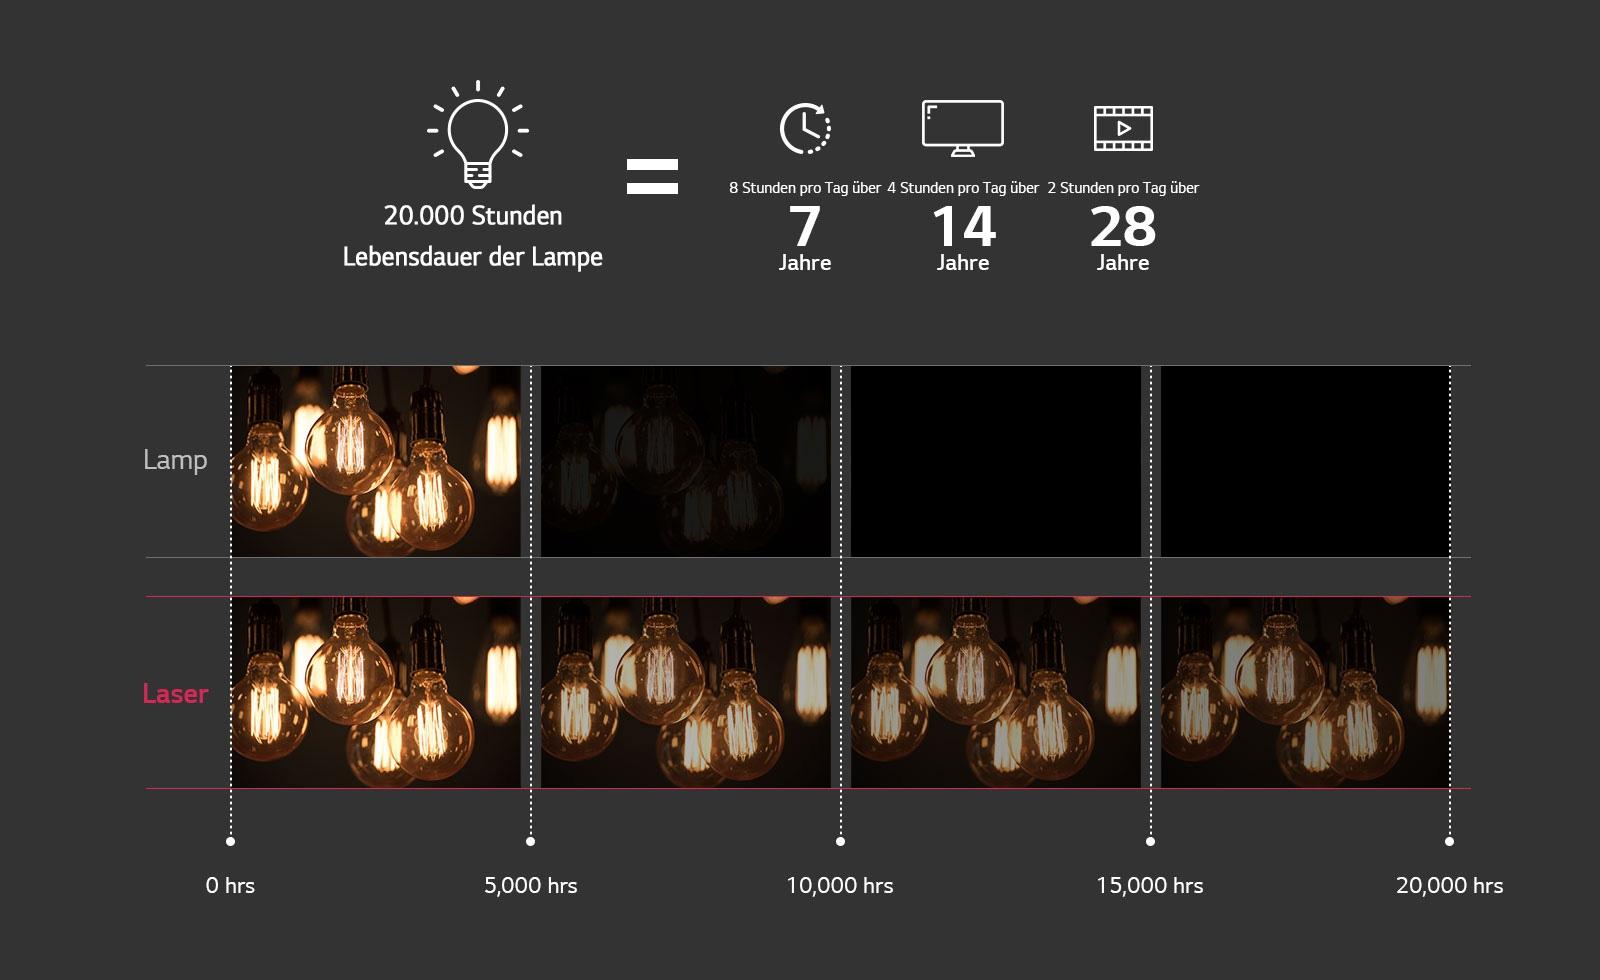 20.000 Stunden Lampenlebensdauer = 8 Stunden pro Tag über 7 Jahre/4 Stunden pro Tag über 14 Jahre/2 Stunden pro Tag über 28 Jahre